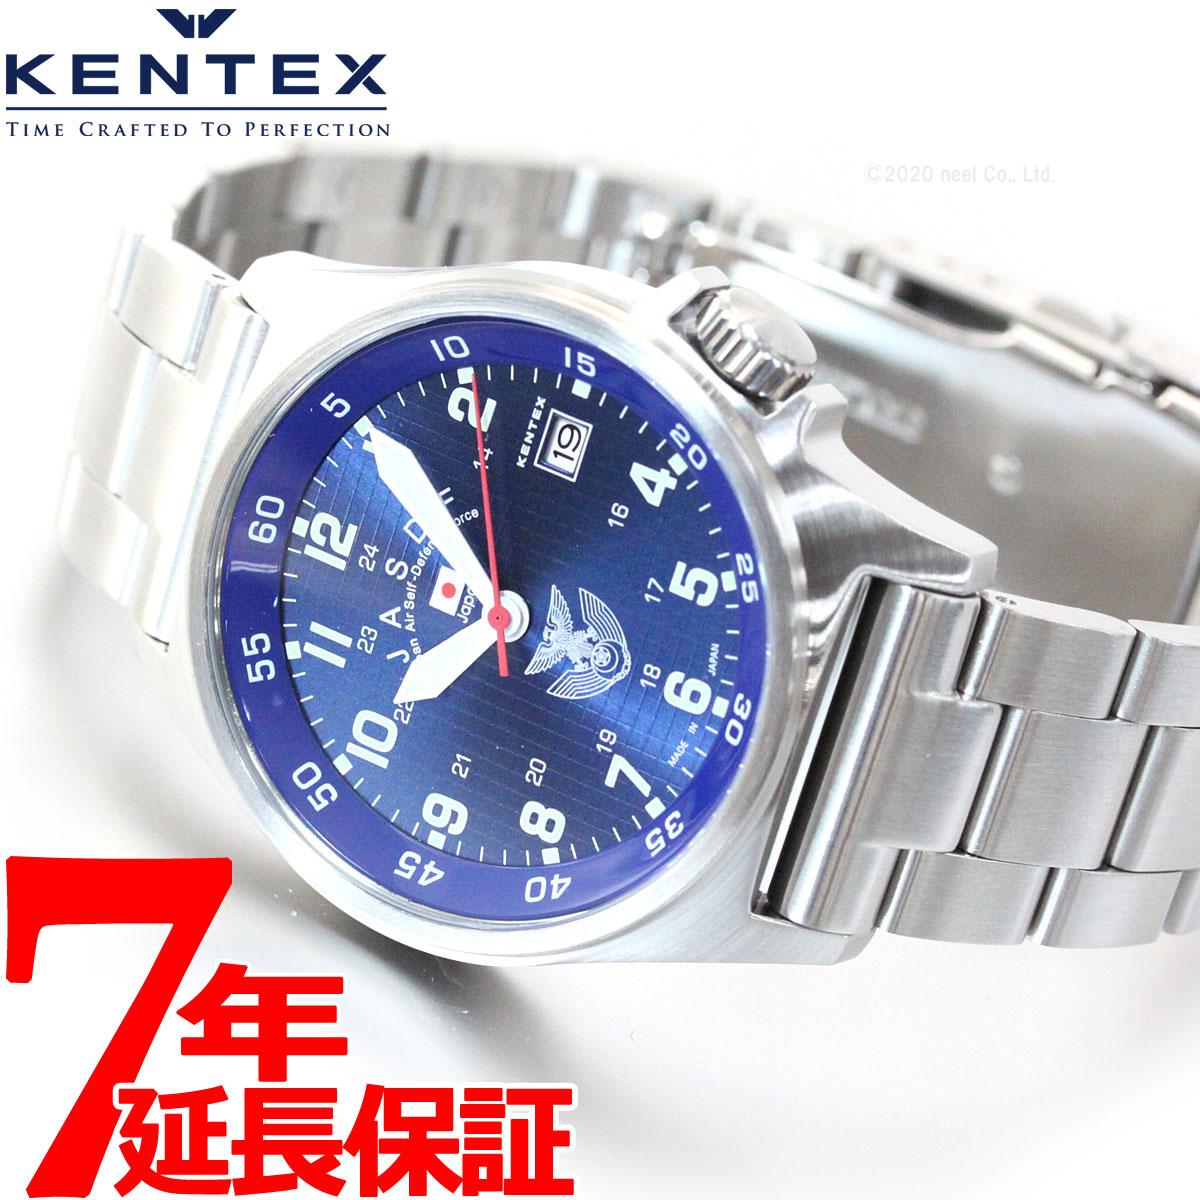 【5日0時~♪2000円OFFクーポン&店内ポイント最大51倍!5日23時59分まで】KENTEX ケンテックス 腕時計 メンズ JSDF スタンダード 自衛隊モデル 航空自衛隊 S455M-10